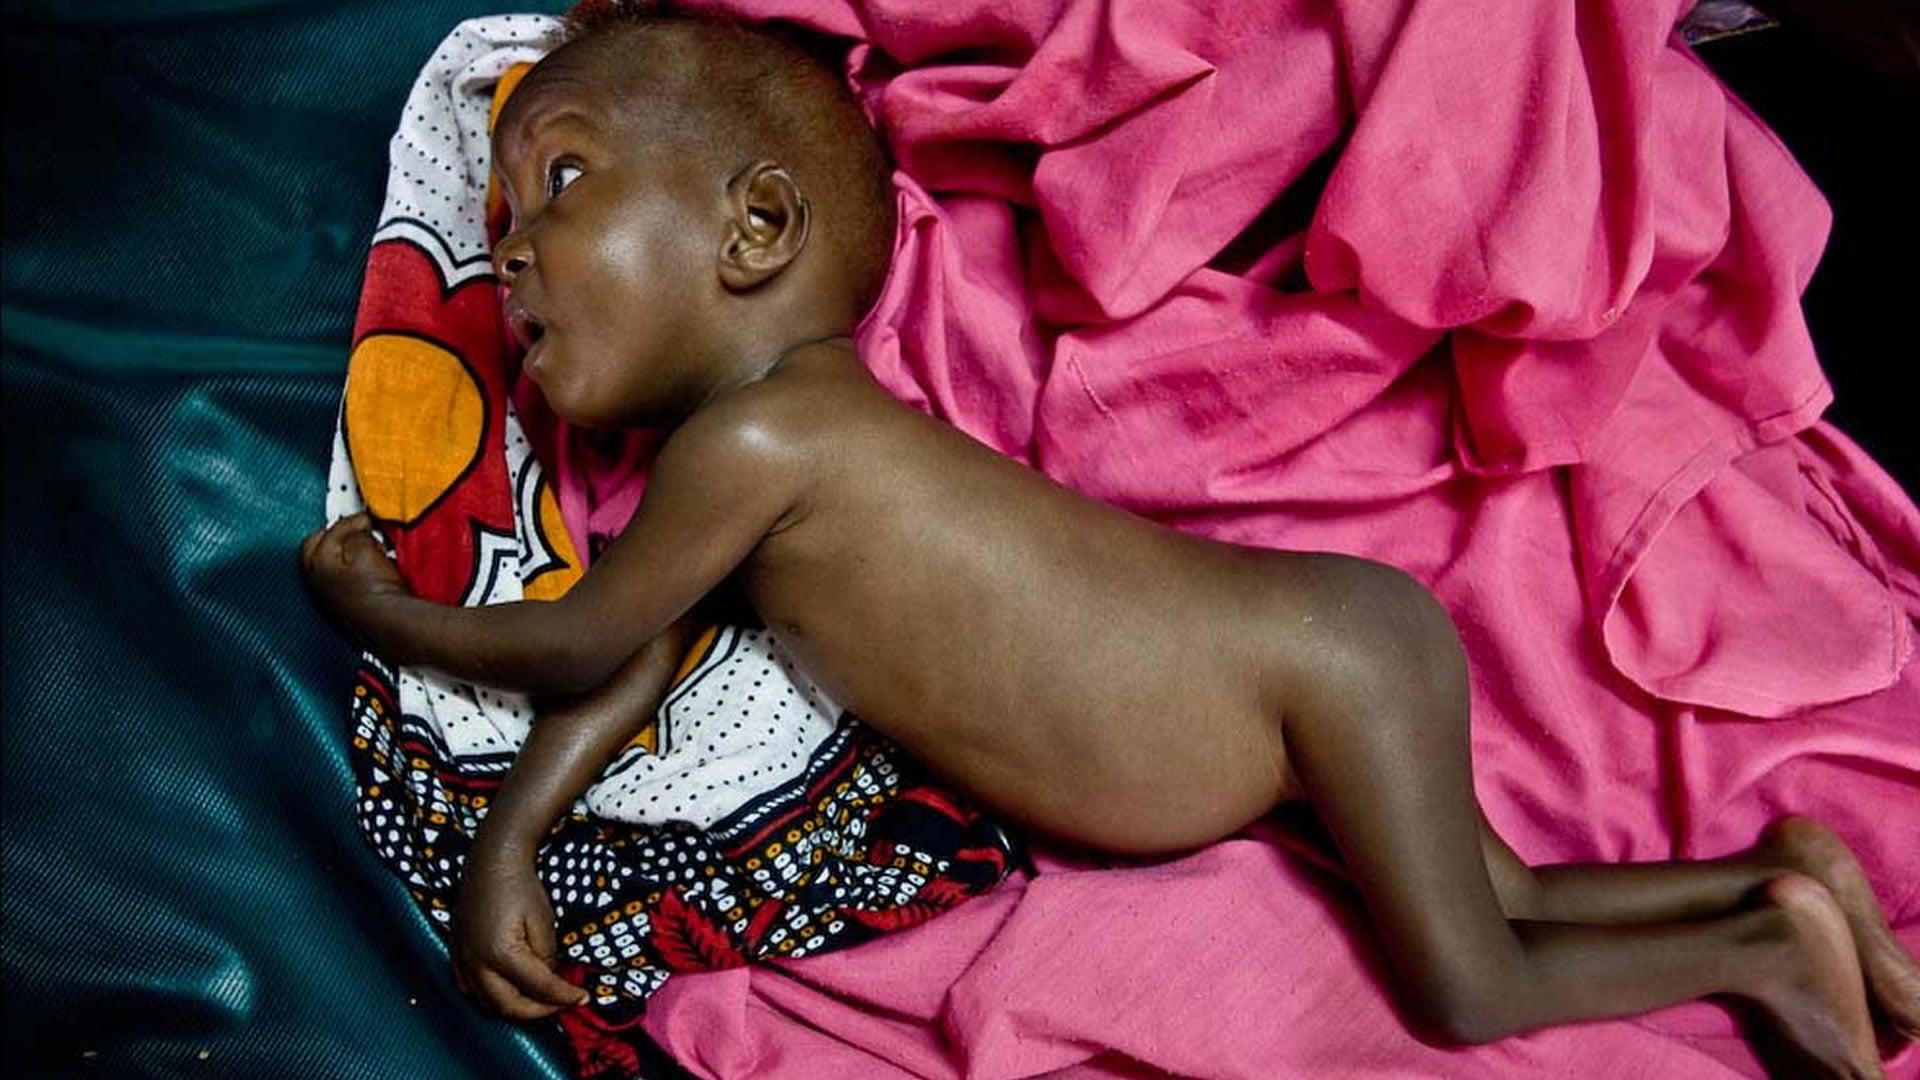 Resultado de imagen para Embarazadas desnutridas darán a luz bebés con alteraciones